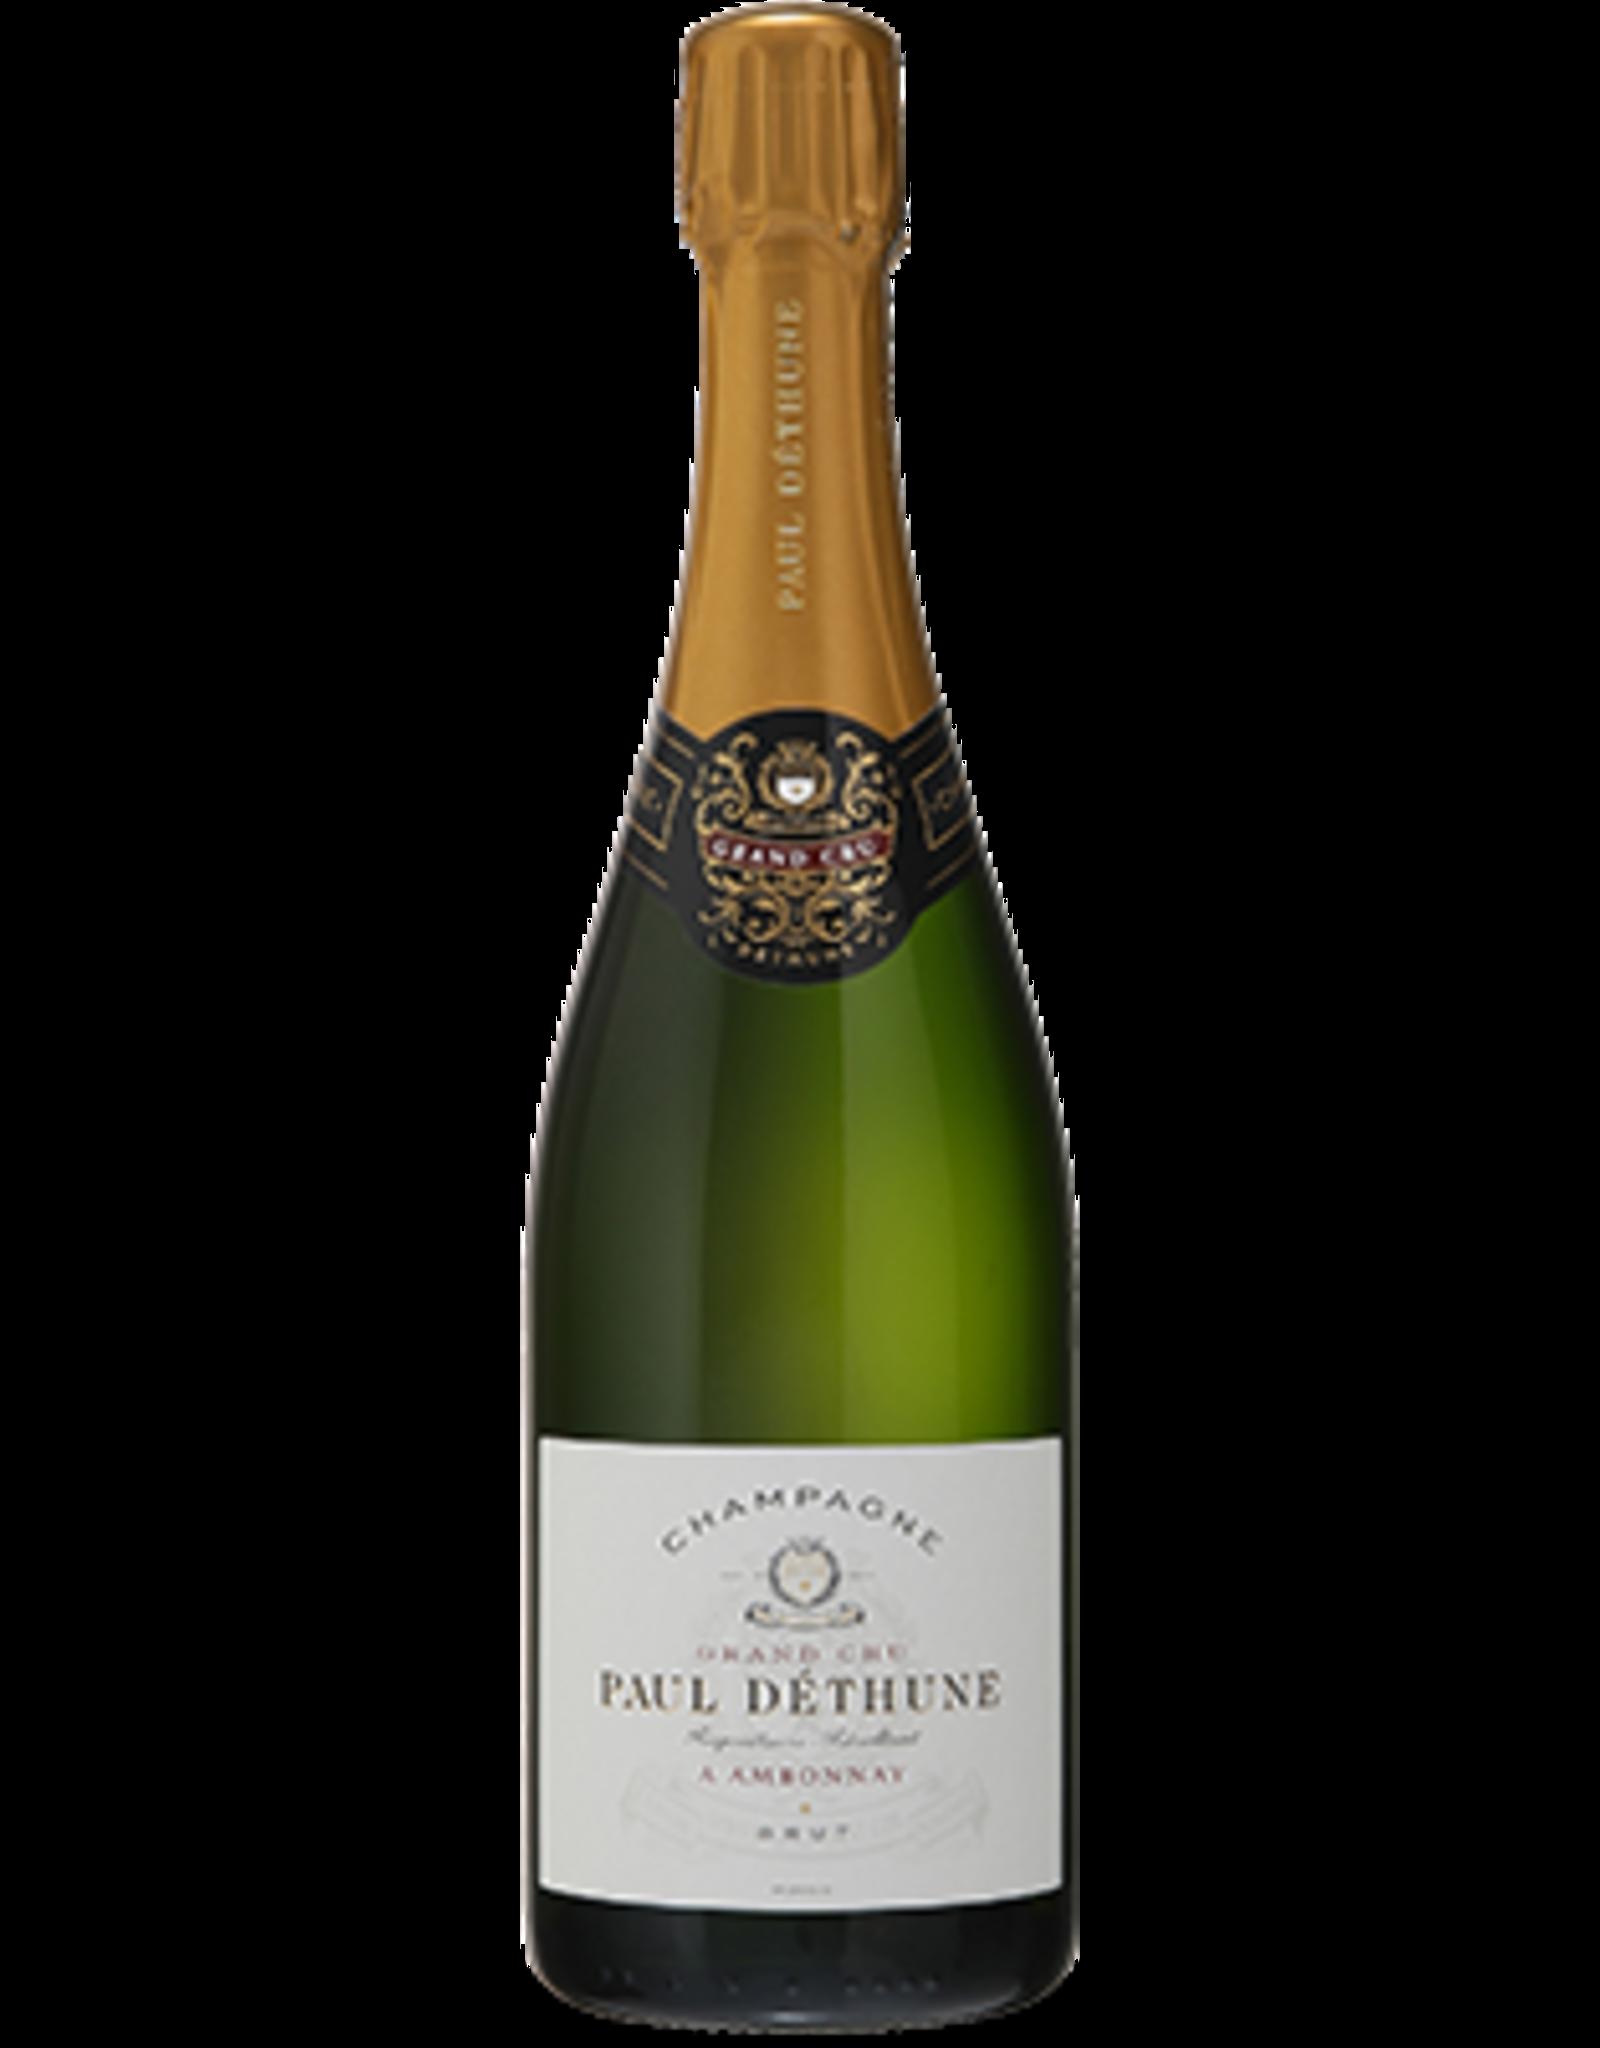 Paul Déthune Champagne Paul Déthune Brut Blanc Grand Cru